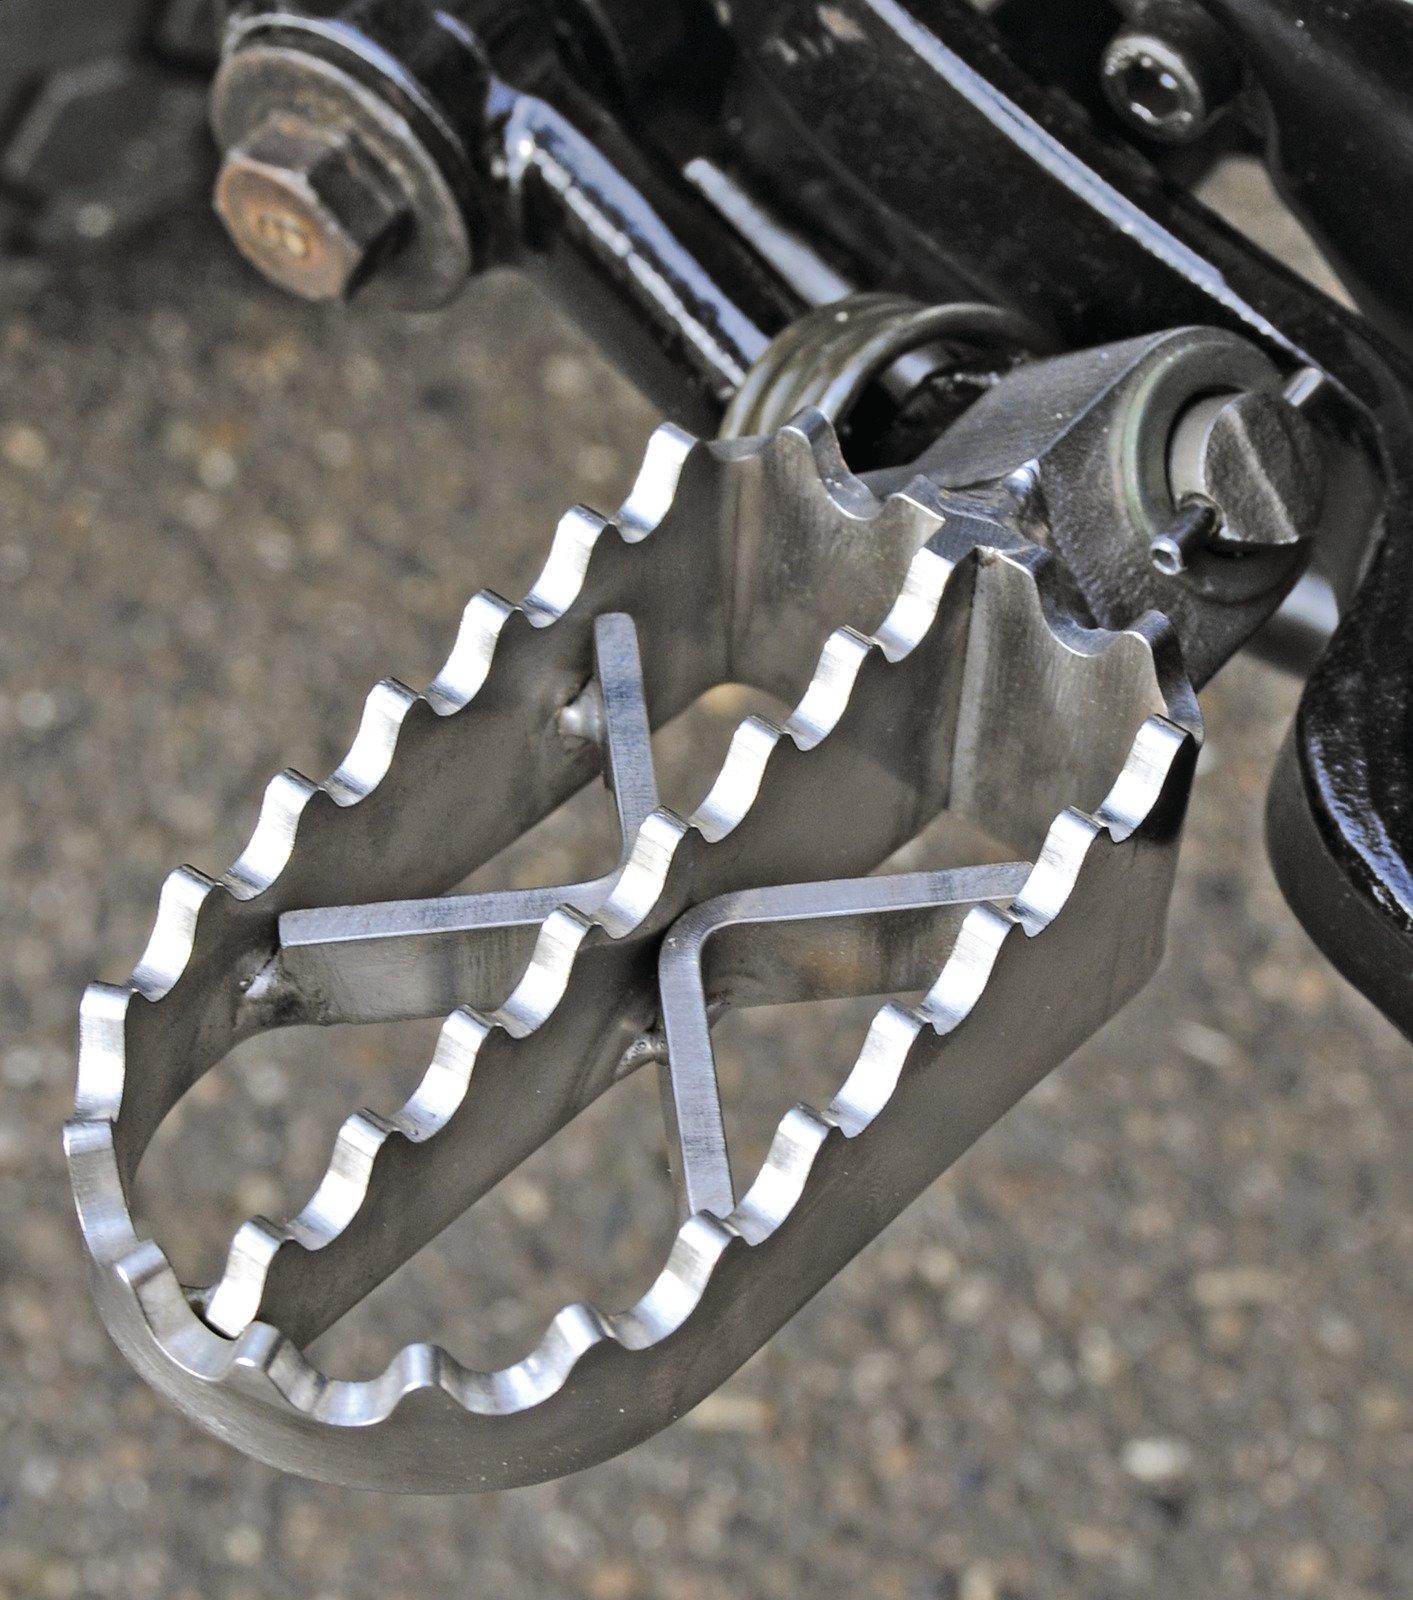 Stainless Steel Broadened Foot Peg Set For Yamaha XT500 TT500 1-010